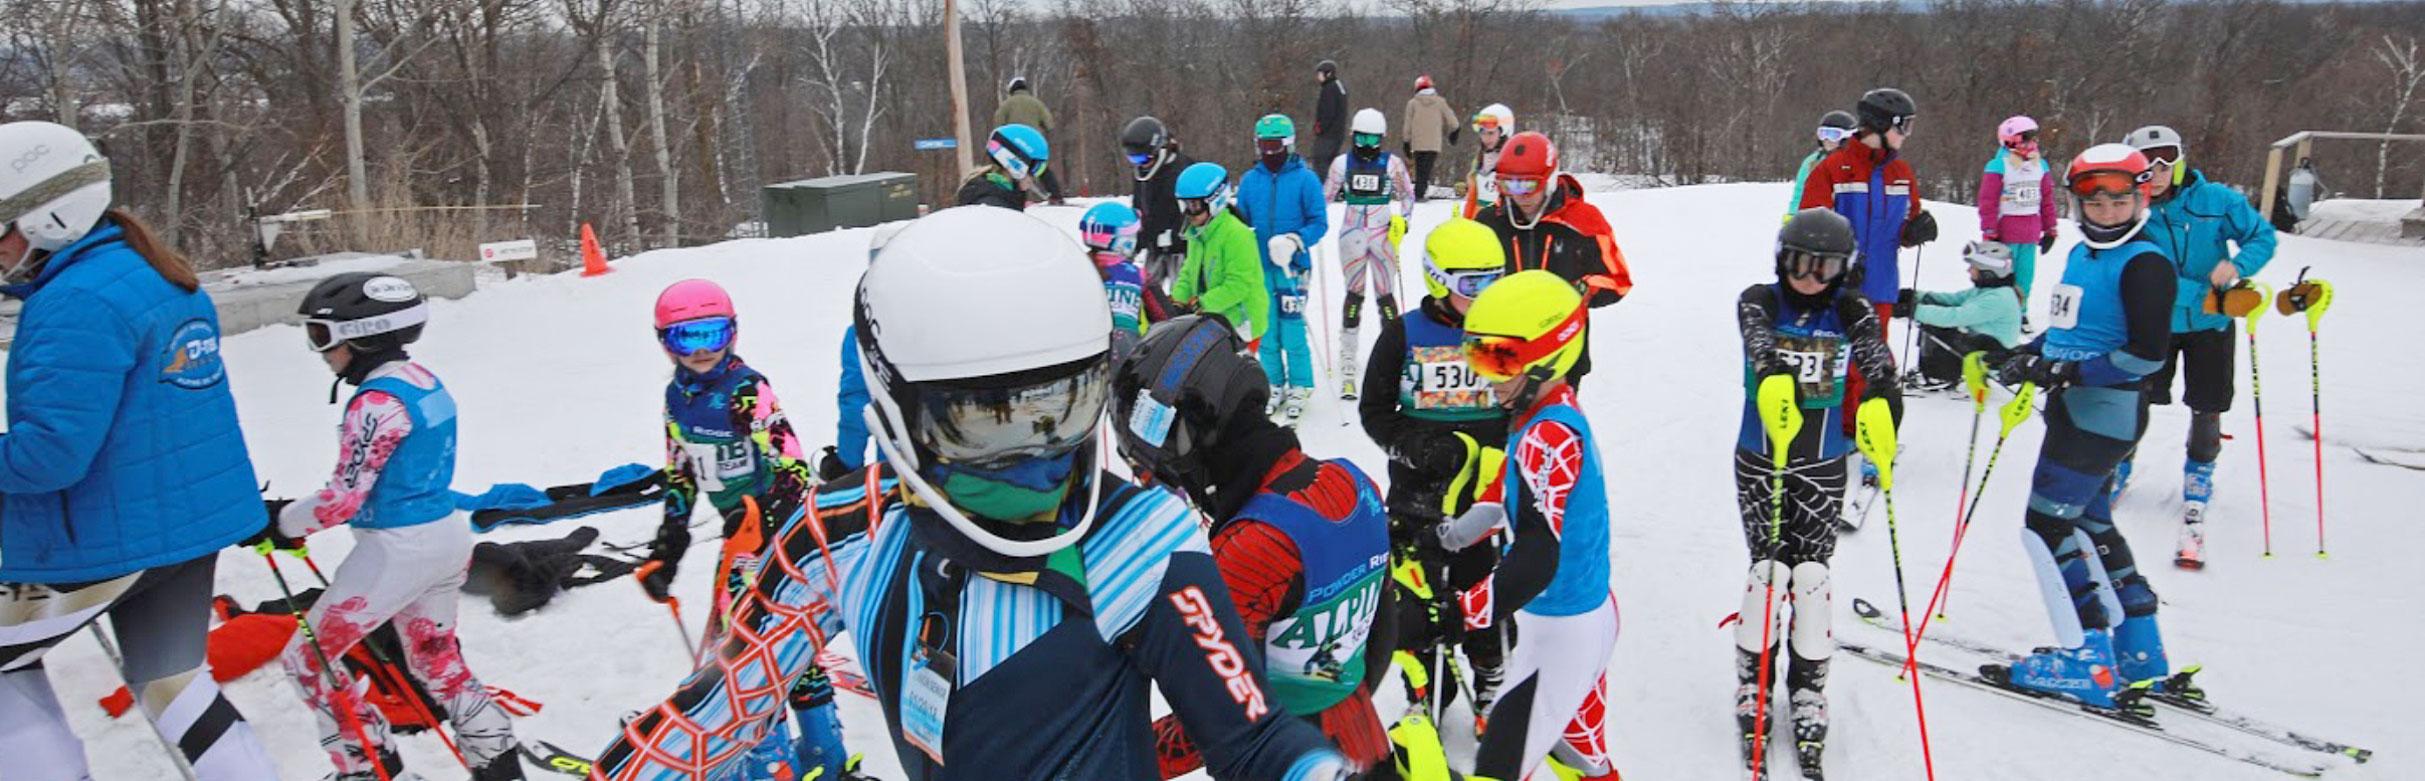 Detroit Mountain Alpine Ski Team on the slope